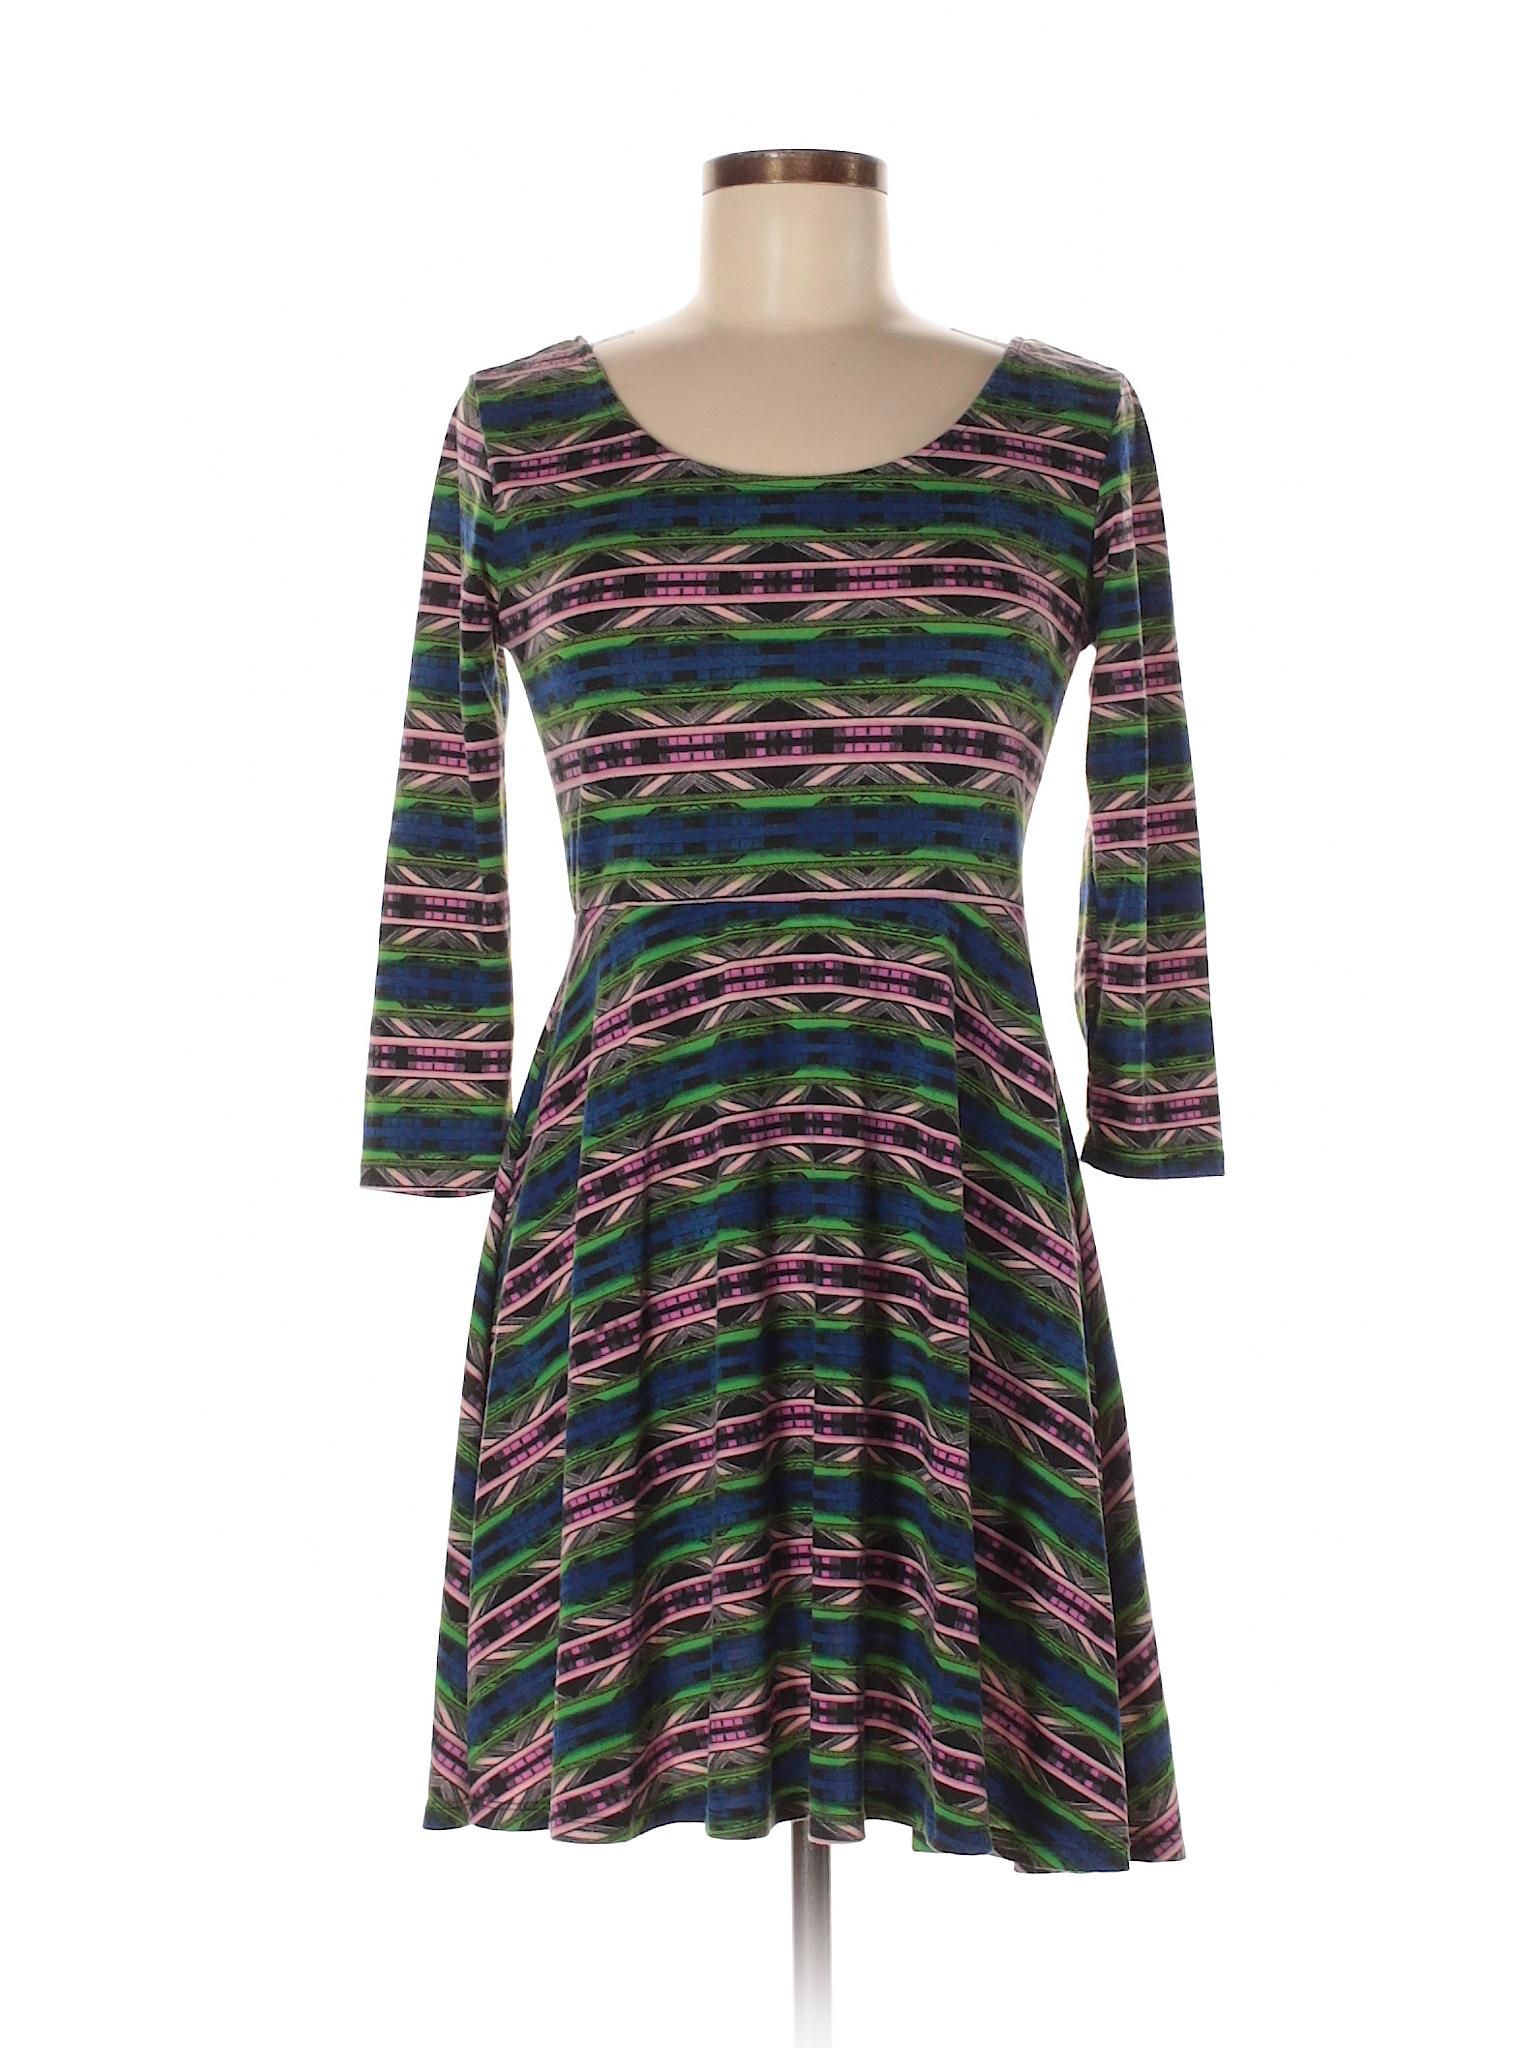 Selling Xhilaration Selling Casual Xhilaration Selling Dress Casual Dress Xhilaration OqHxgq6